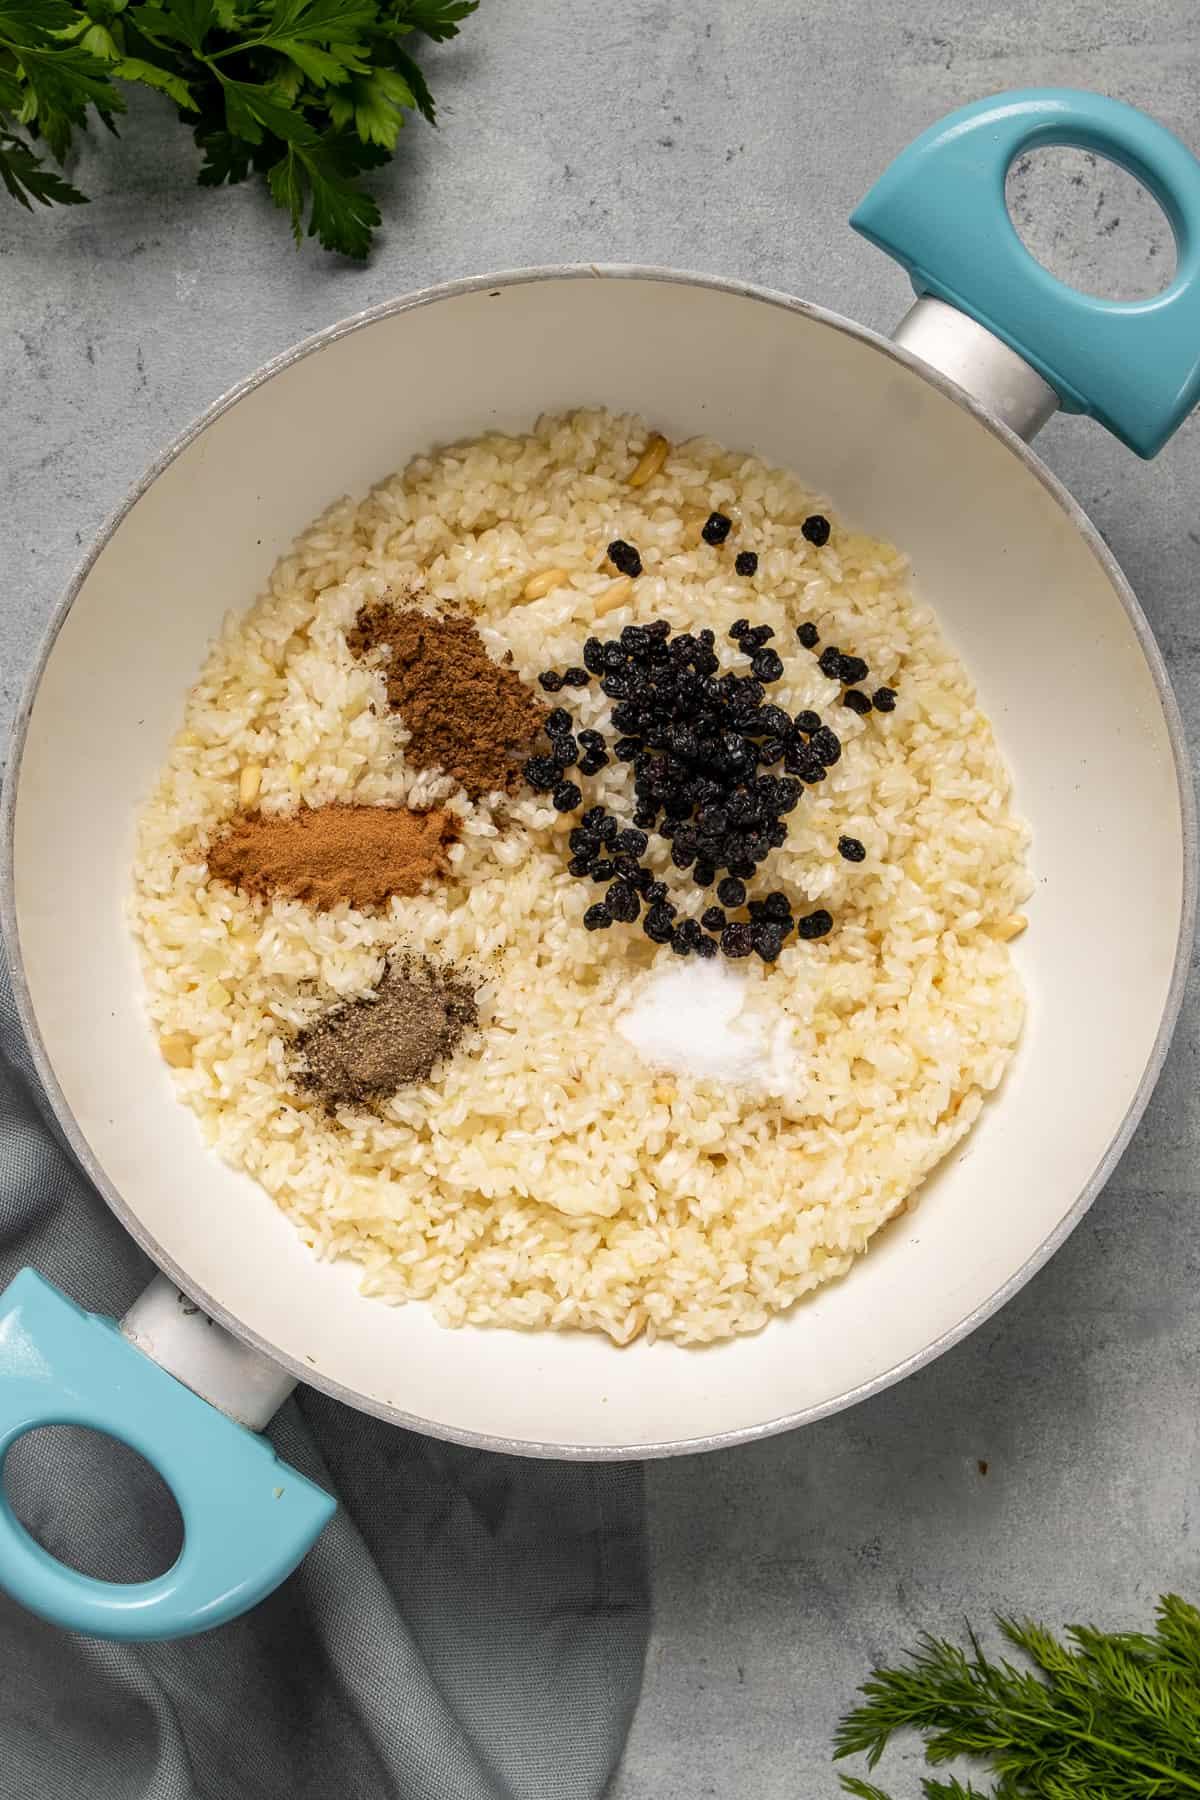 Rice, currant raisins, allspice, cinnamon, salt and pepper in a white pan.